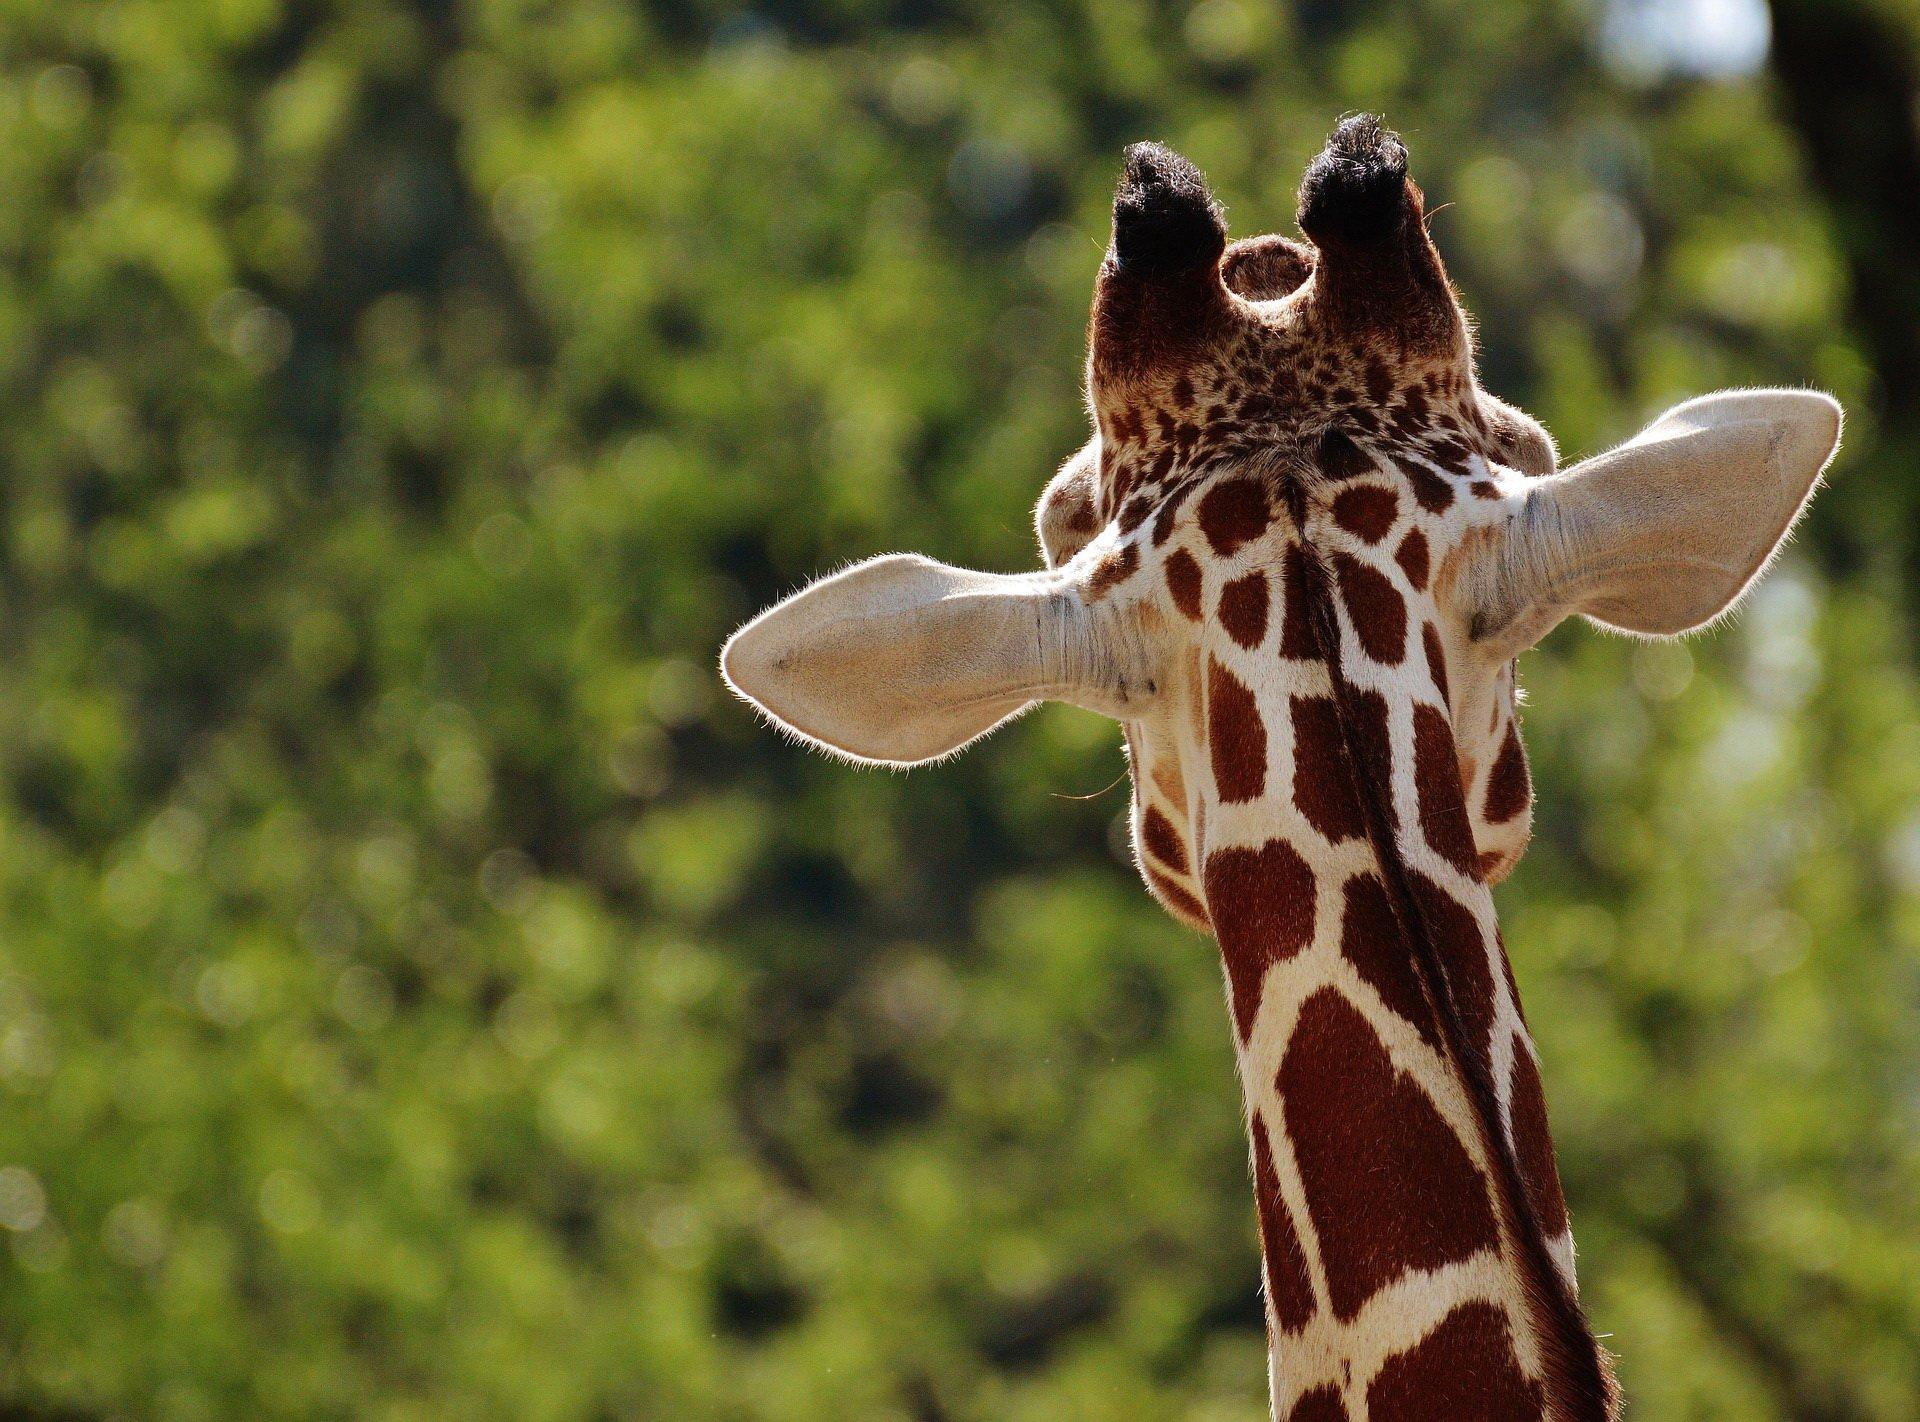 Zagadki o zwierzętach egzotycznych dla dzieci z odpowiedziami